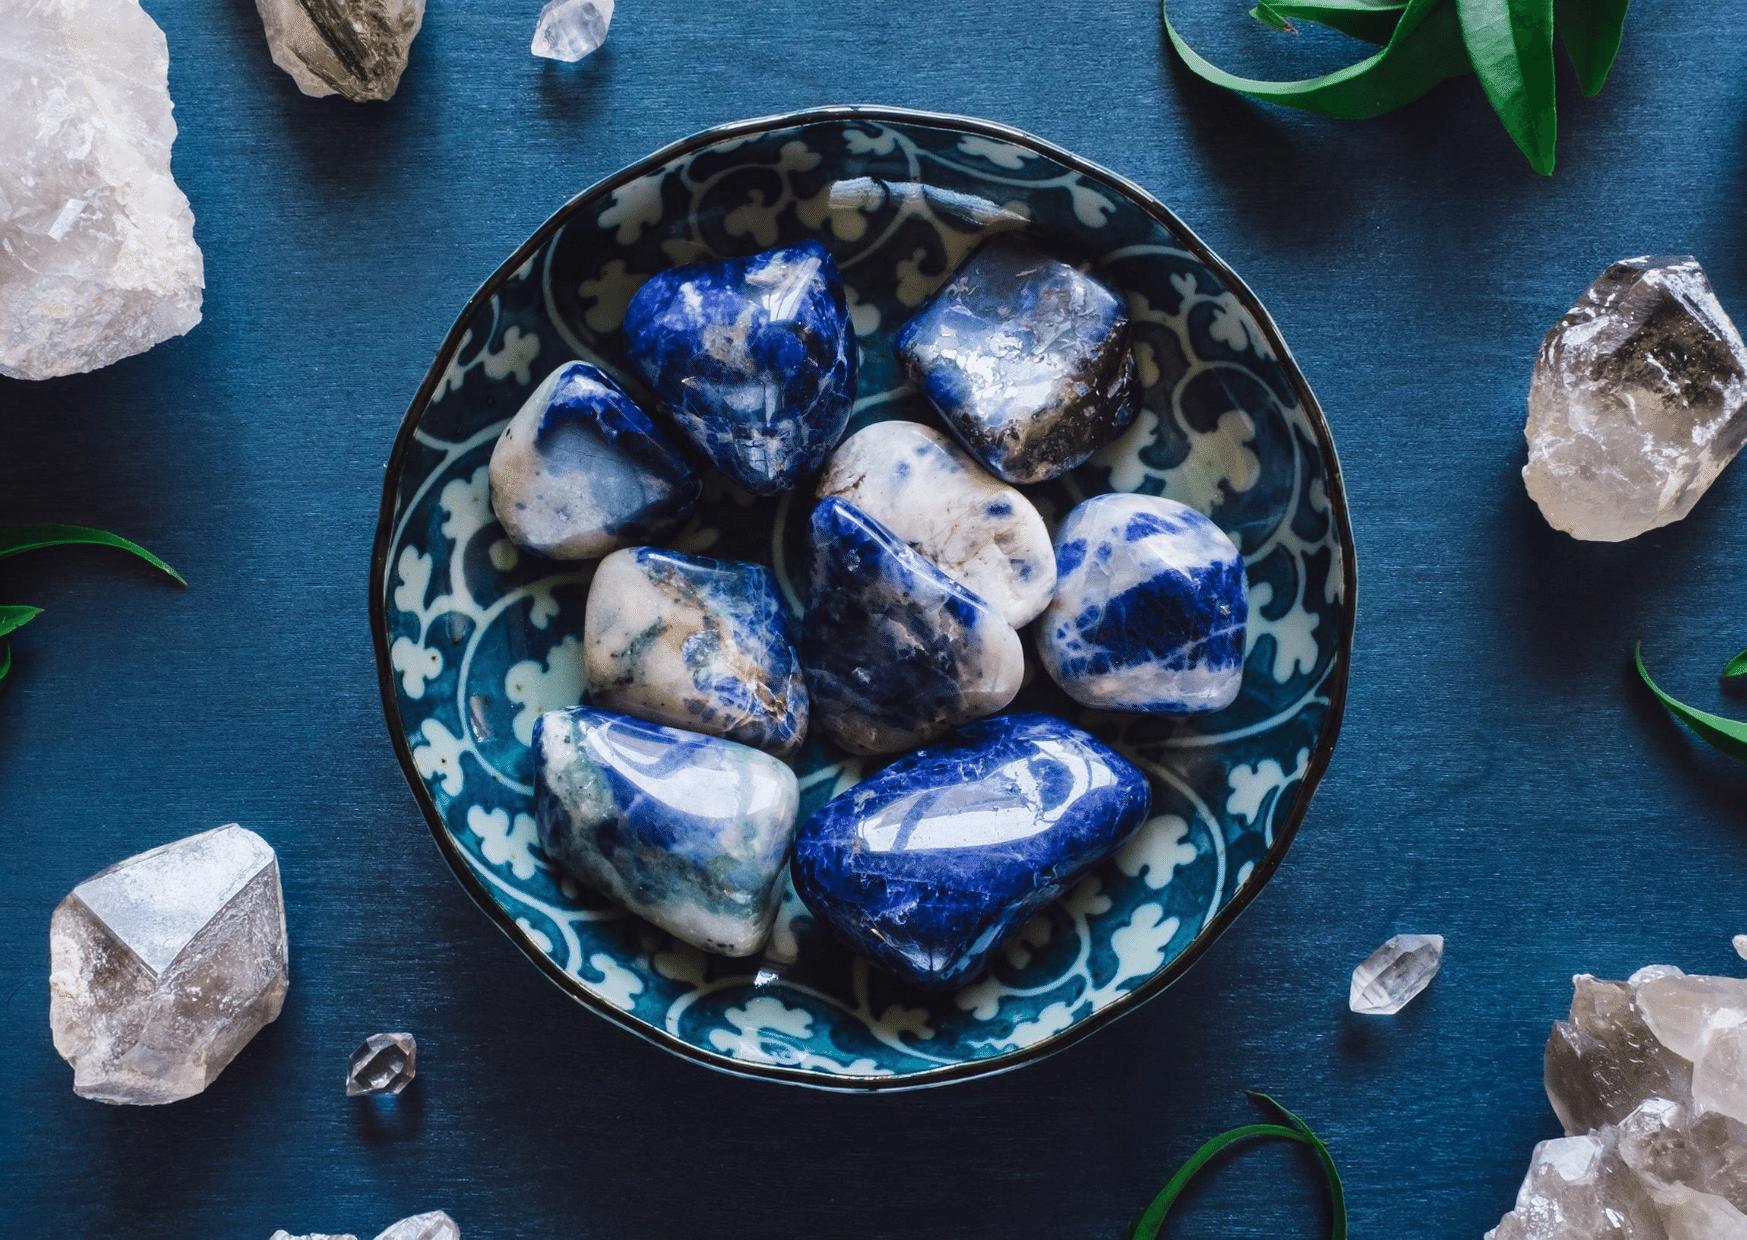 sodalite pierre lithothérapie bleu et blanche roulée possé sur table bleu entouré de plantes et cristaux